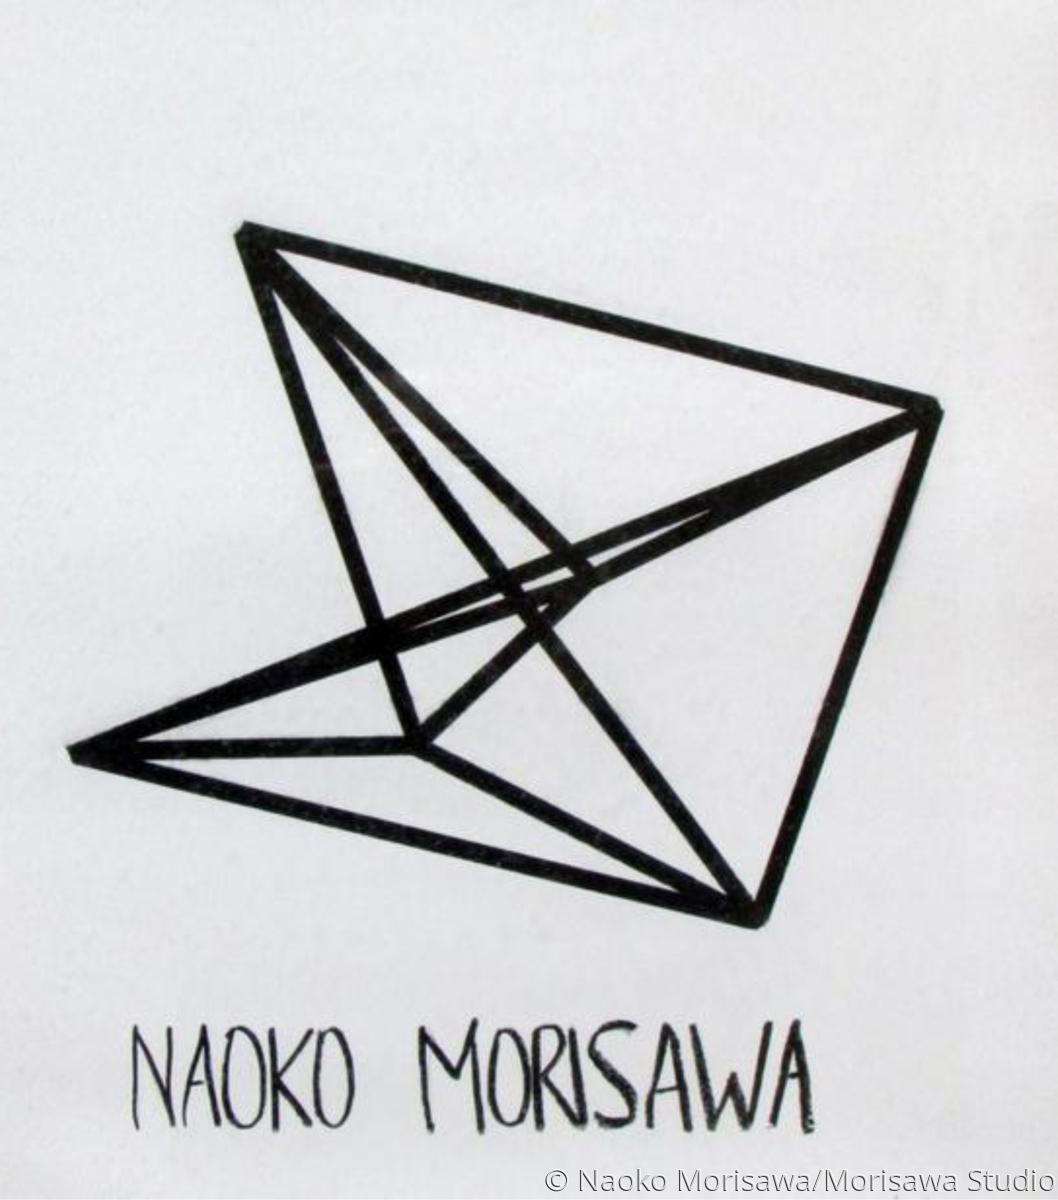 Naoko Morisawa (large view)